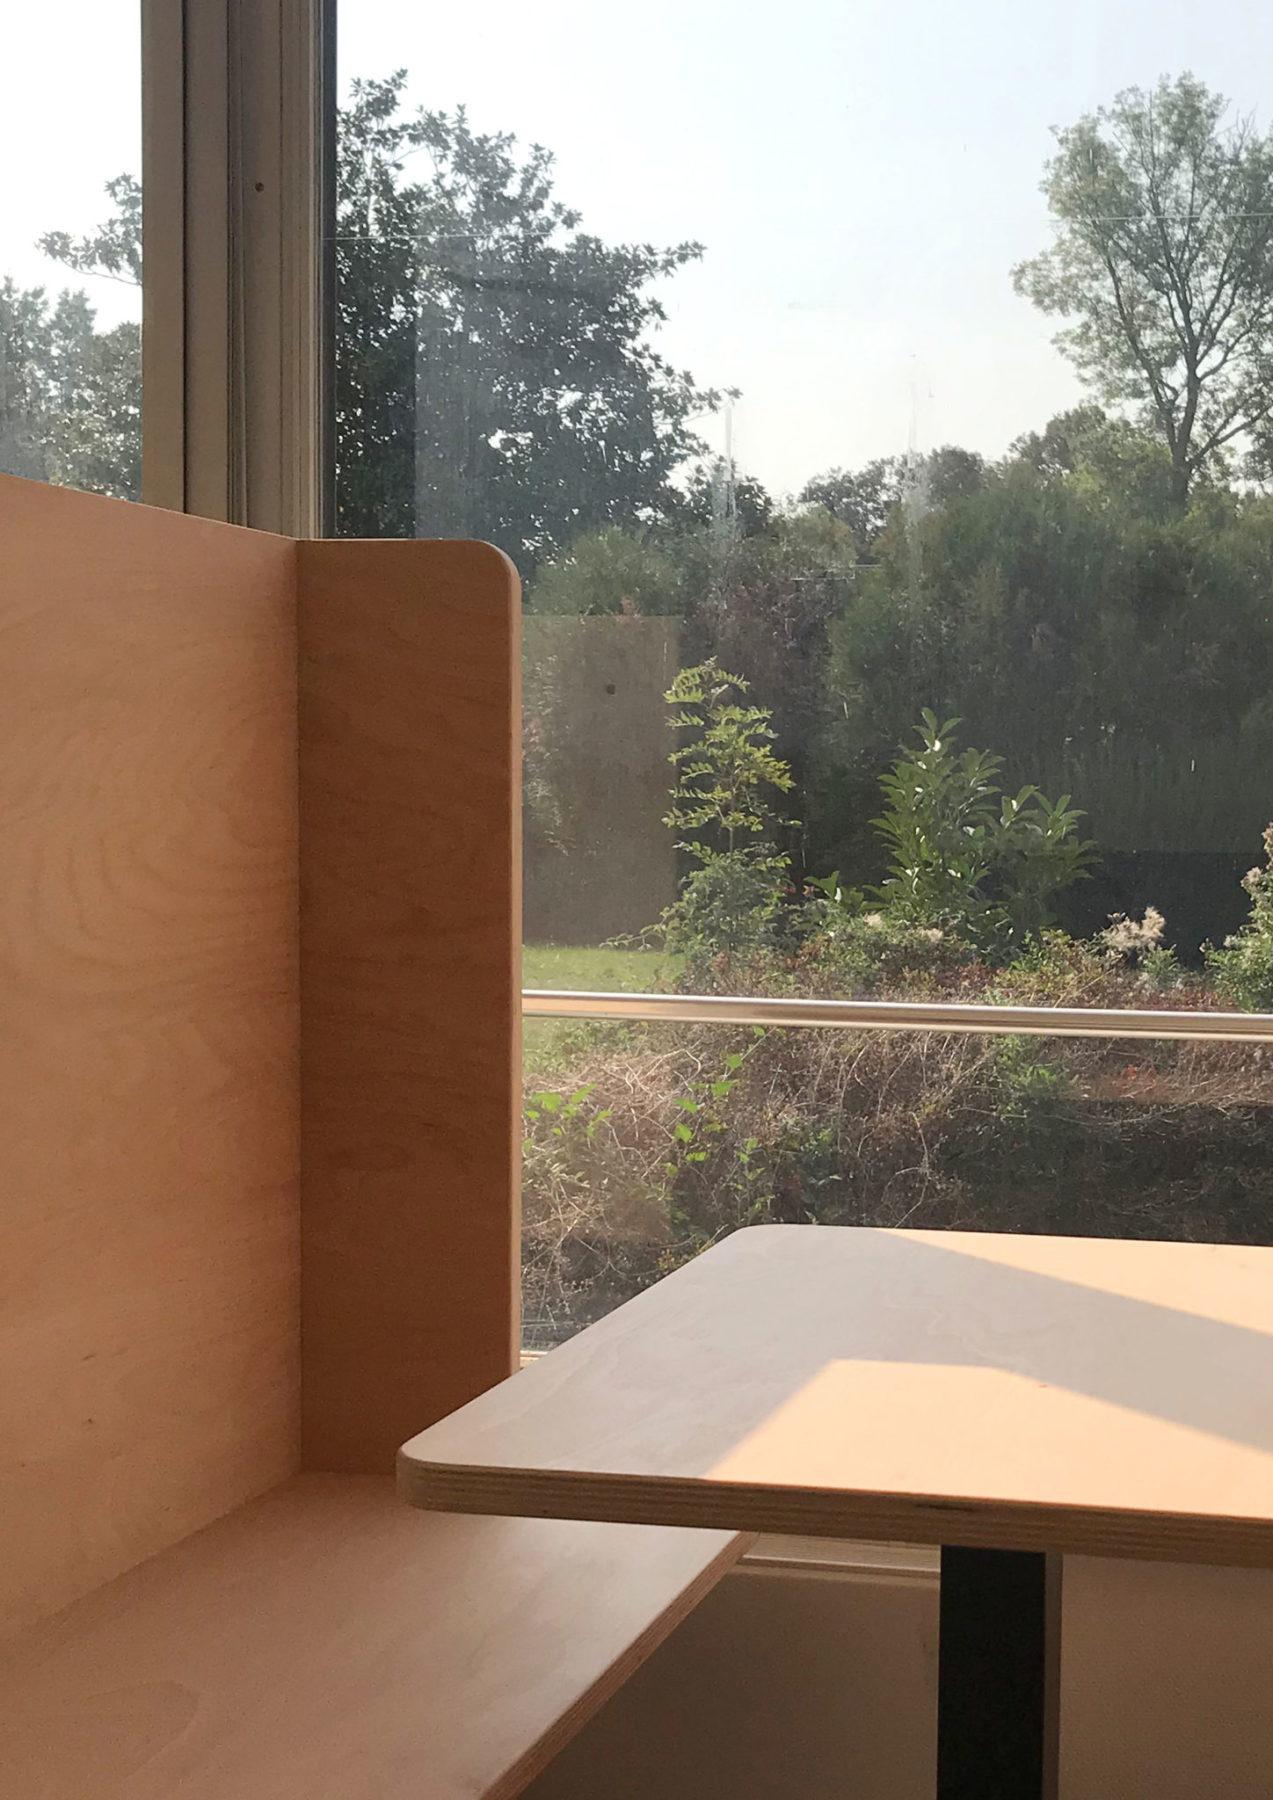 Box / compartiment de travail en bois Okoumé et table carrée design par Louis Denavaut. Vue jardin HEC Paris